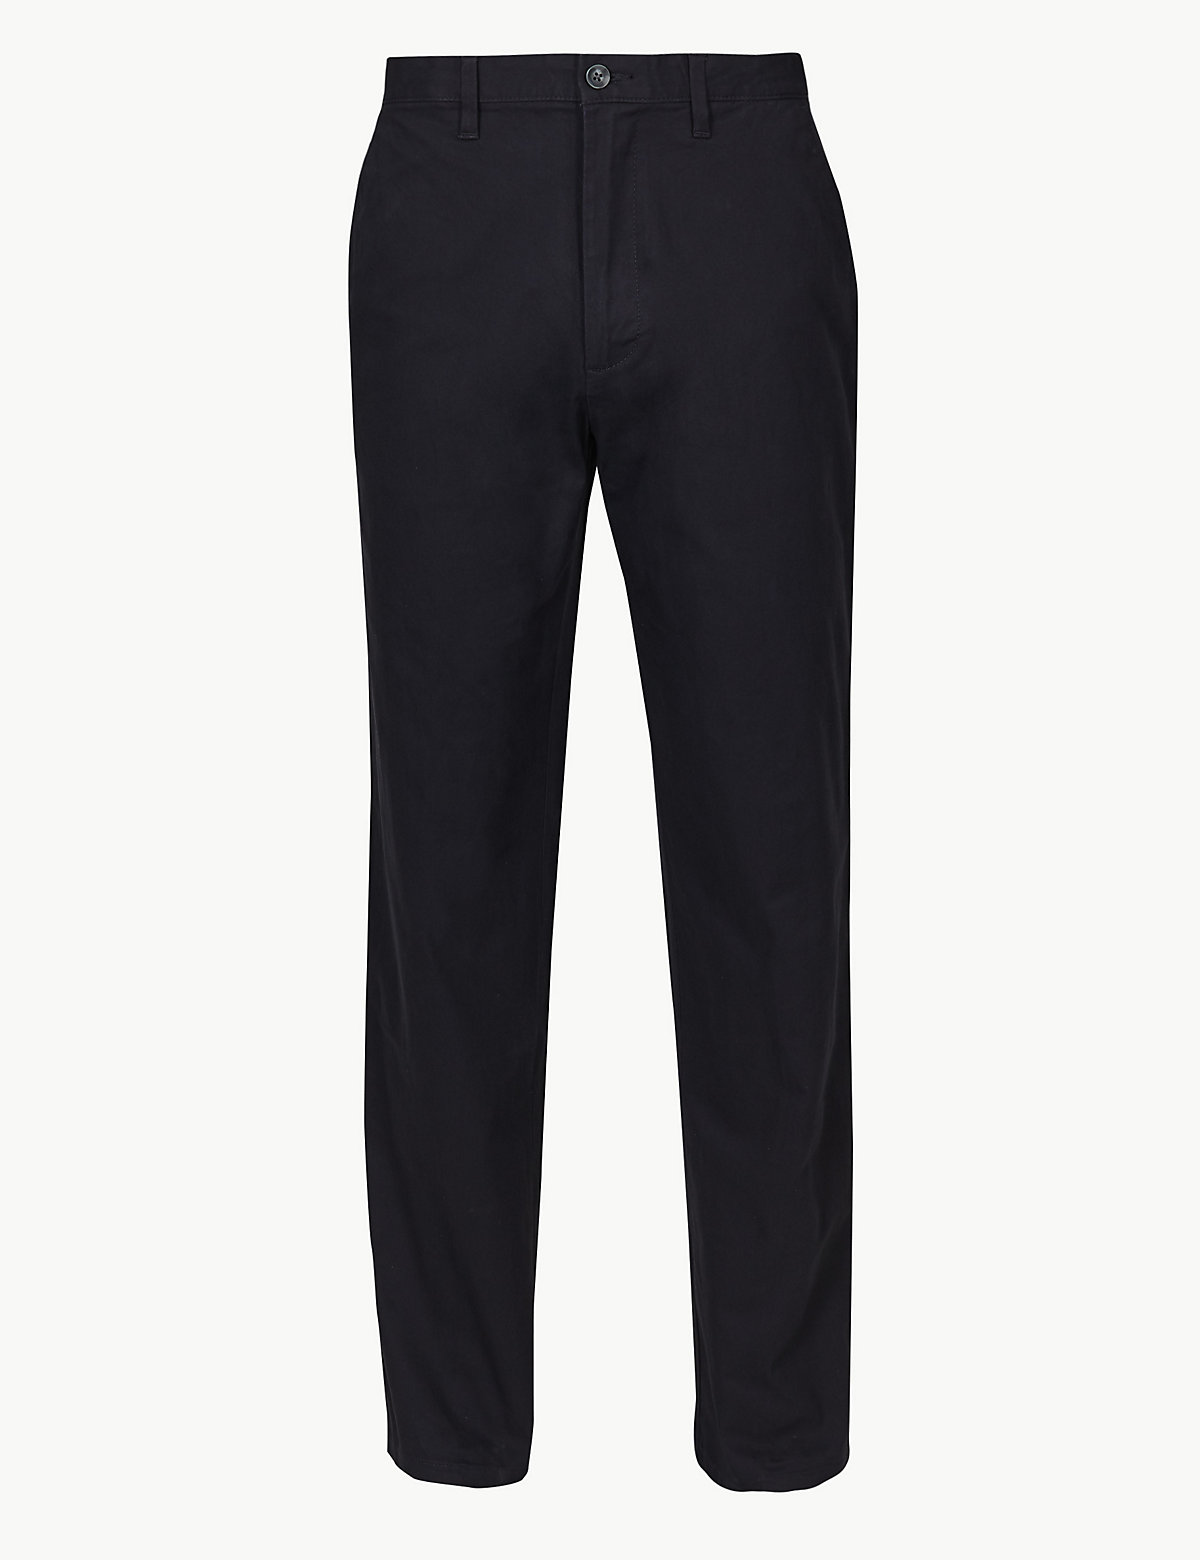 Классические хлопковые брюки чинос M&S Collection. Цвет: темно-синий